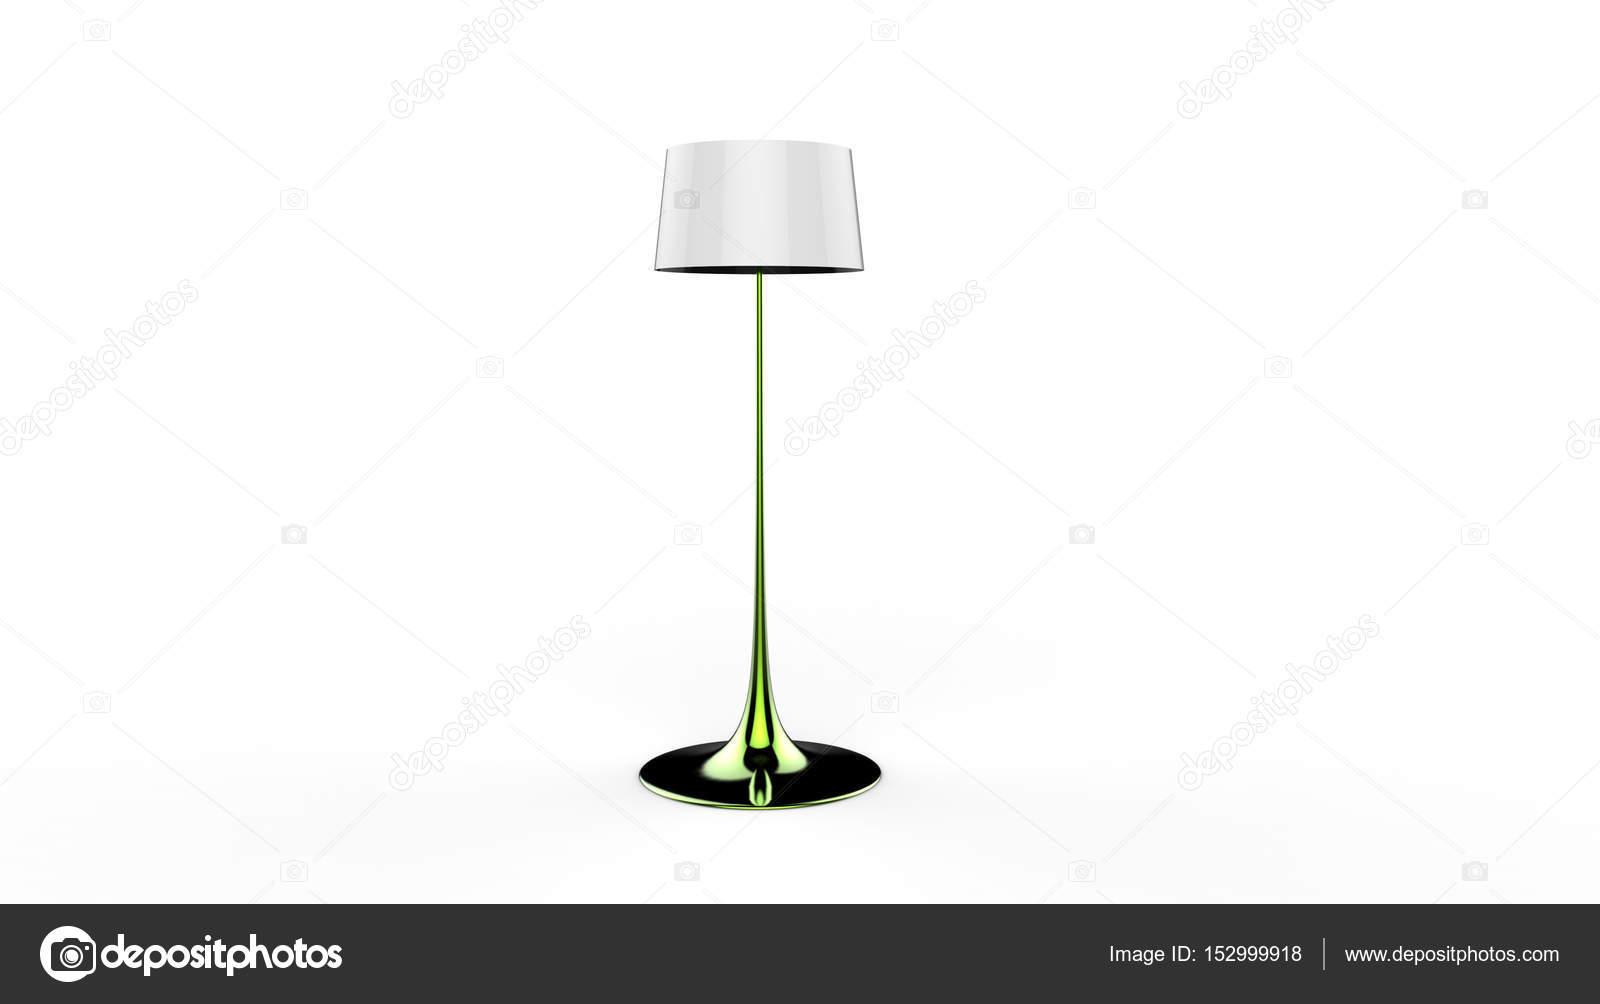 D illustratie van een lamp u stockfoto dandesign